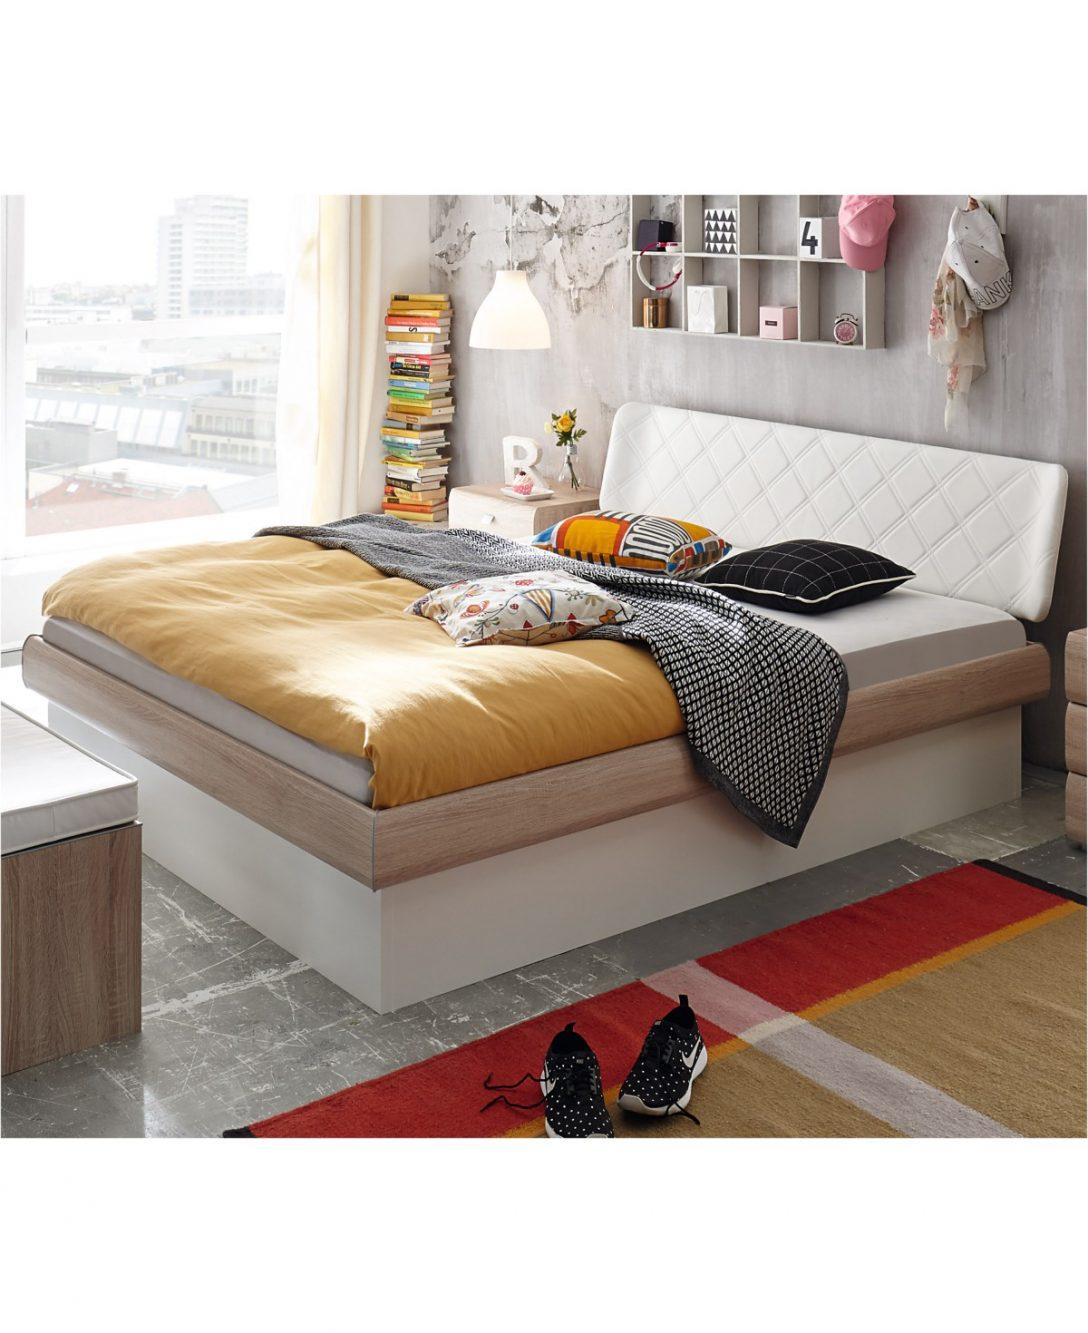 Large Size of Hasena Soft Line Stauraumbett Practico Boeiche Sgerauh Dekor Bett 120x200 Mit Matratze Und Lattenrost Betten Weiß Bettkasten Wohnzimmer Stauraumbett 120x200